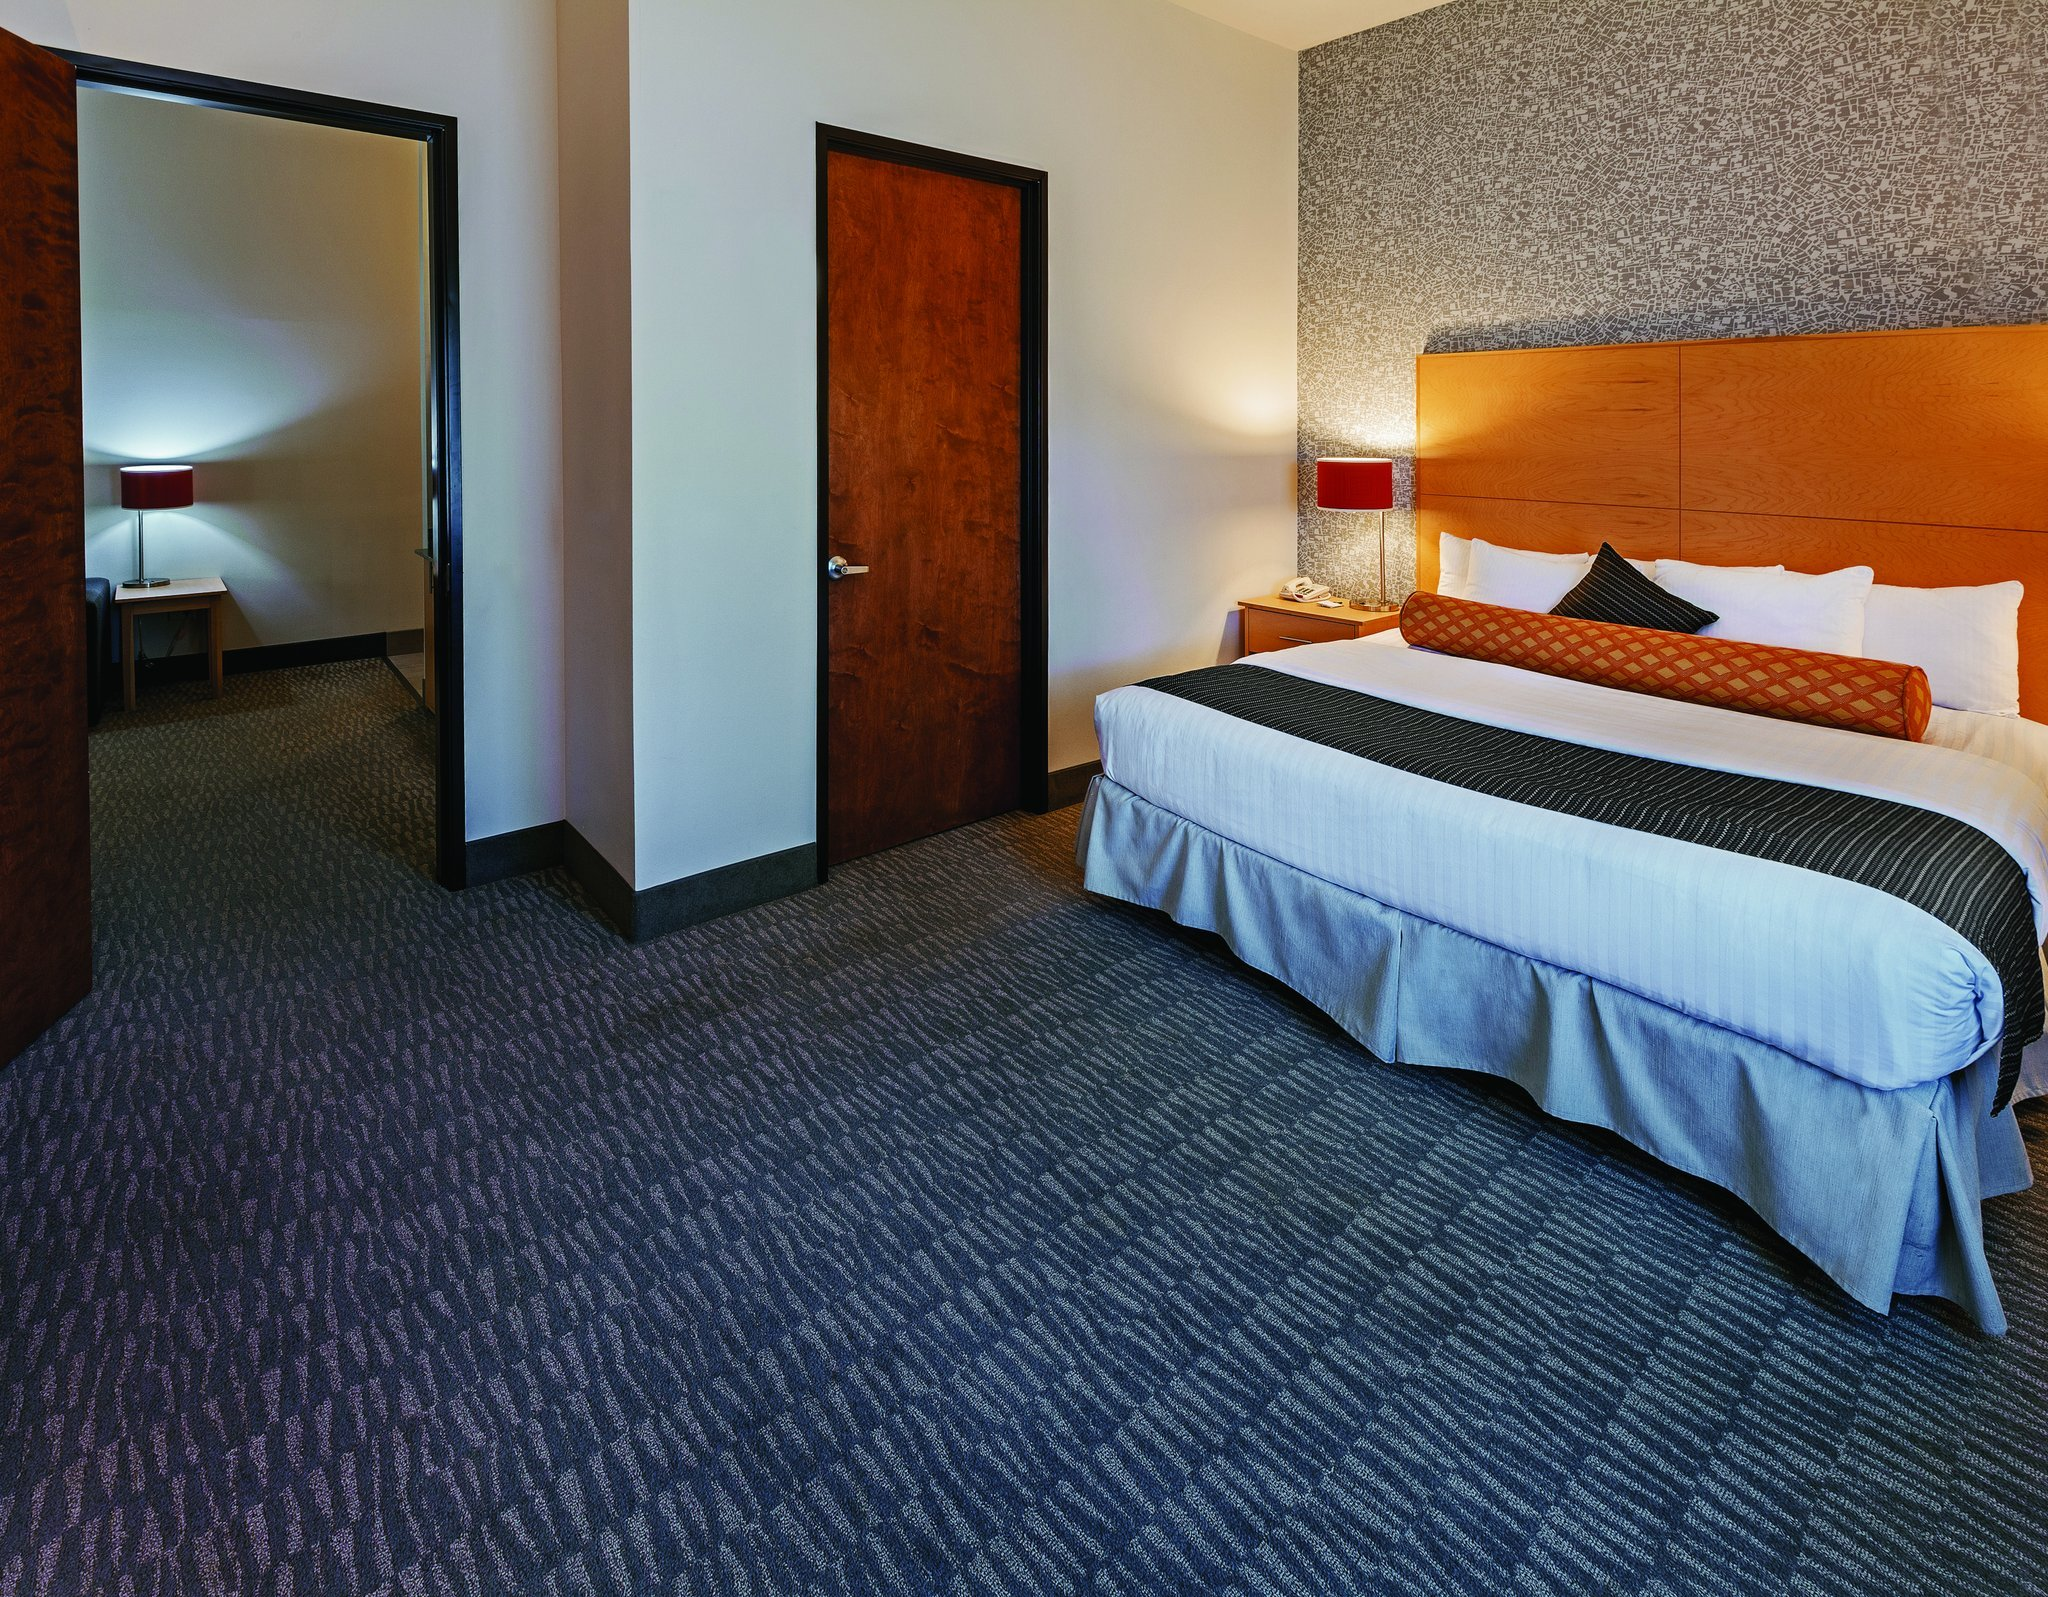 La Quinta Inn & Suites Austin NW/Lakeline Mall